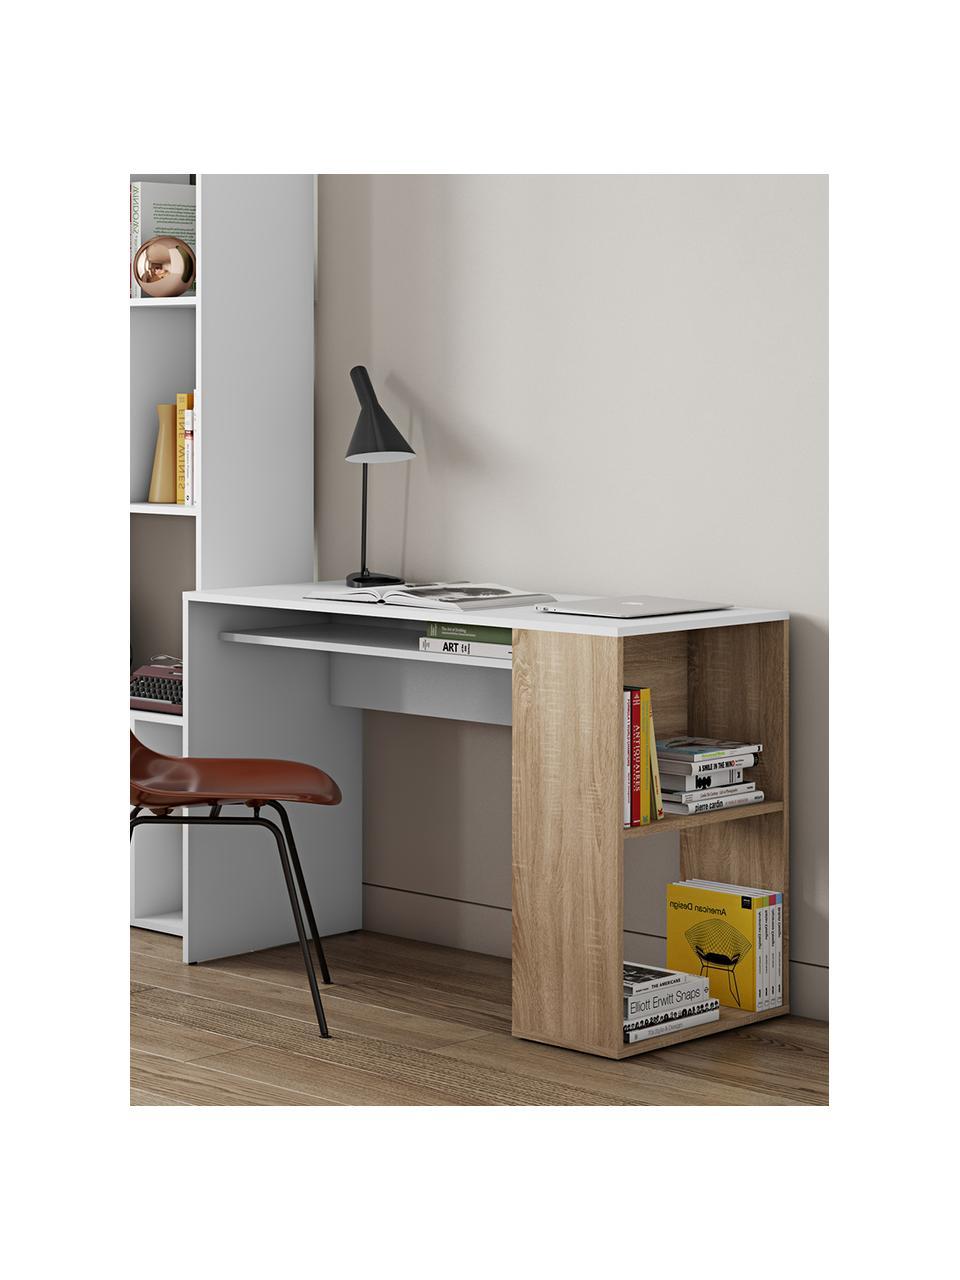 Schreibtisch Yale mit Stauraum, Spanplatte, melaminbeschichtet, Weiß, Eichenholz, B 114 x T 50 cm